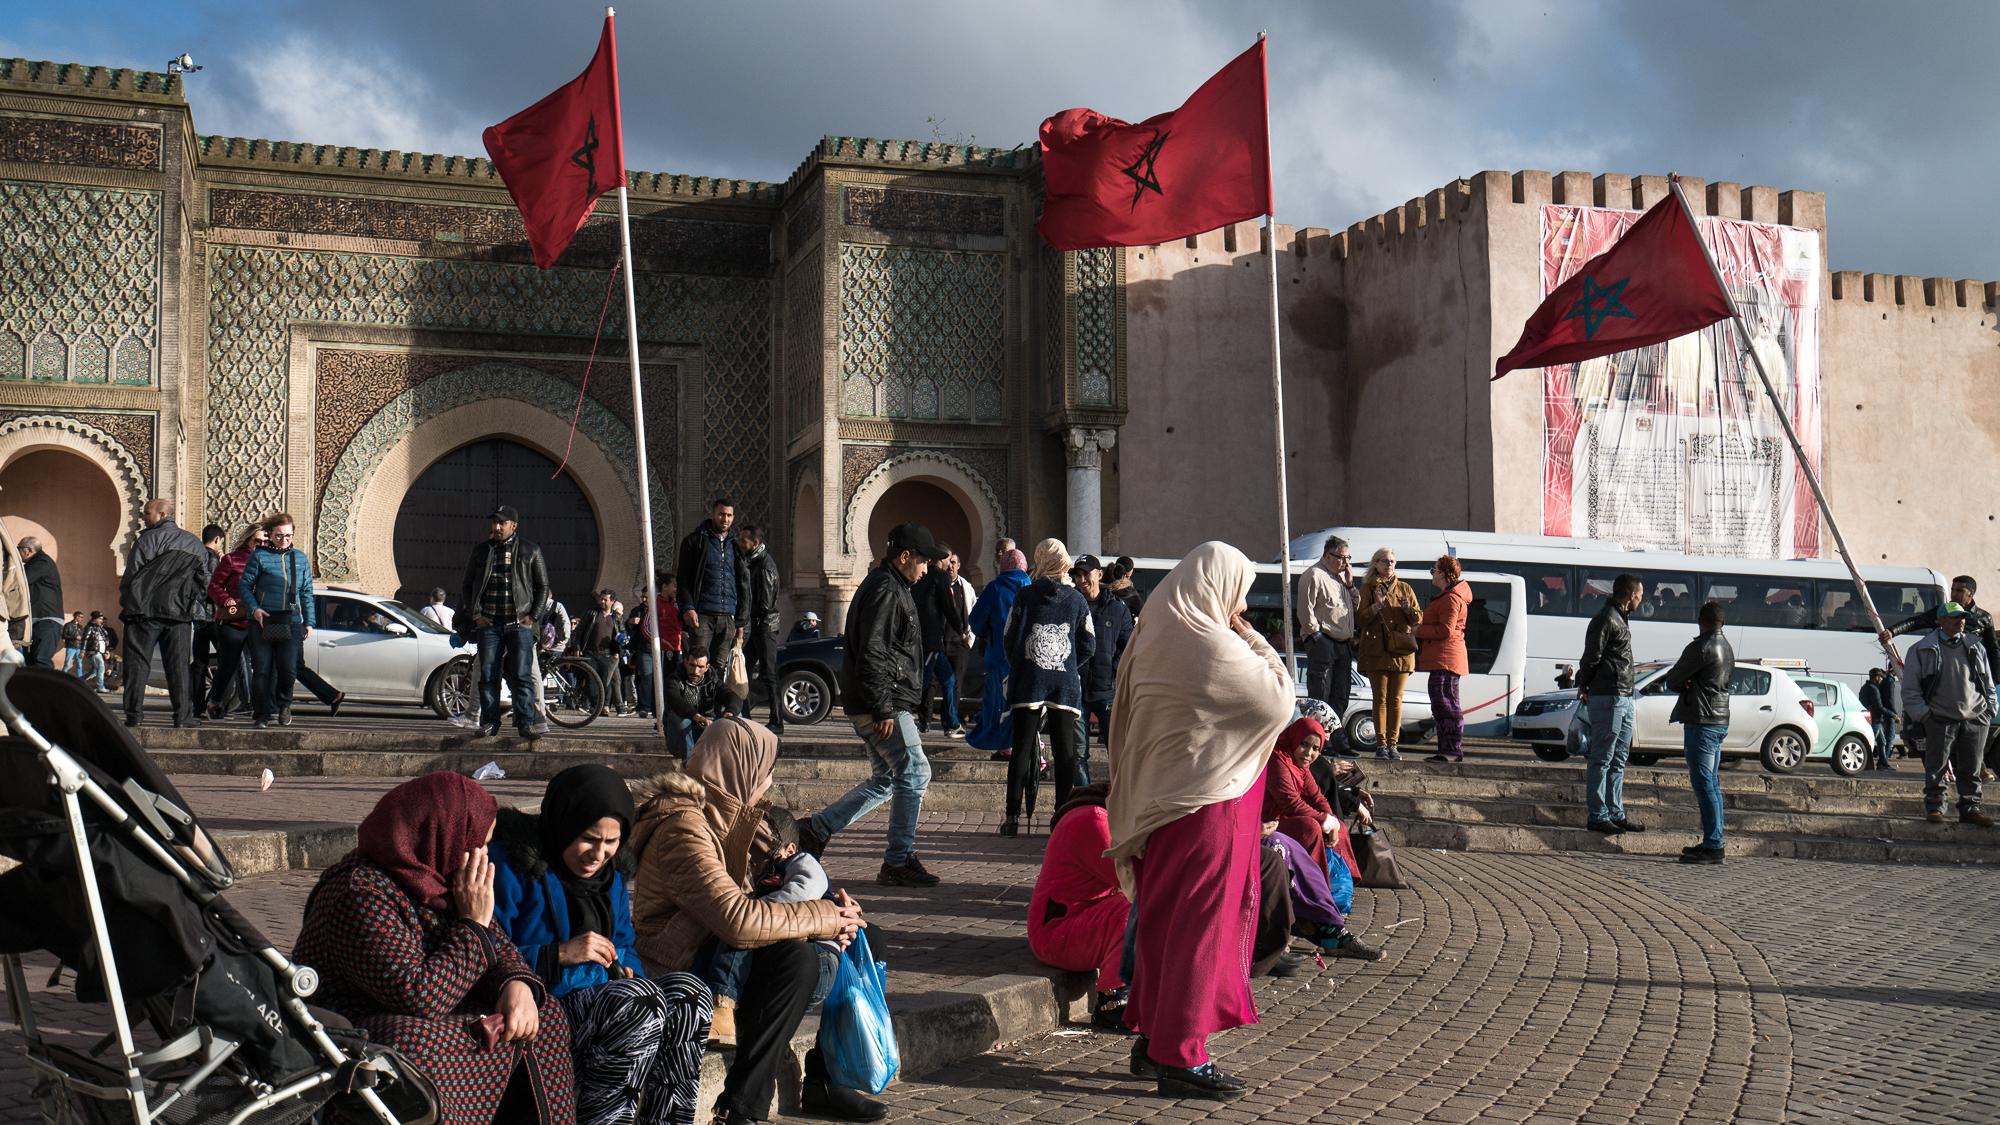 Morocco  sin título2018-09724-2 7952 x 5304.jpg